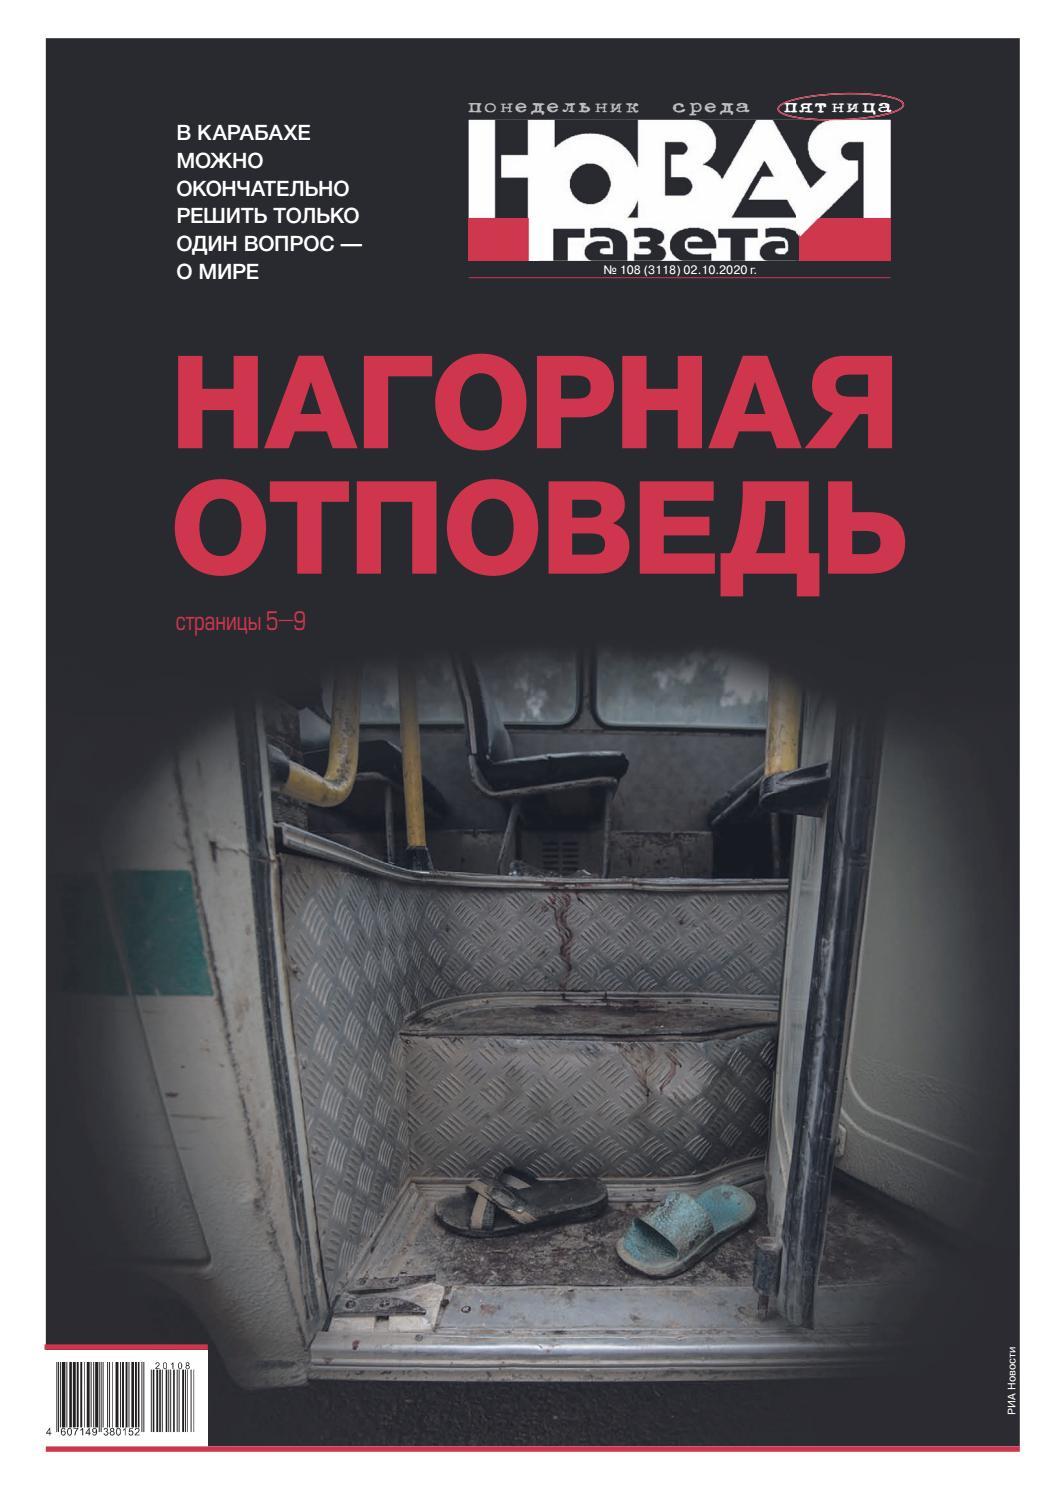 Новая газета №108, октябрь 2020